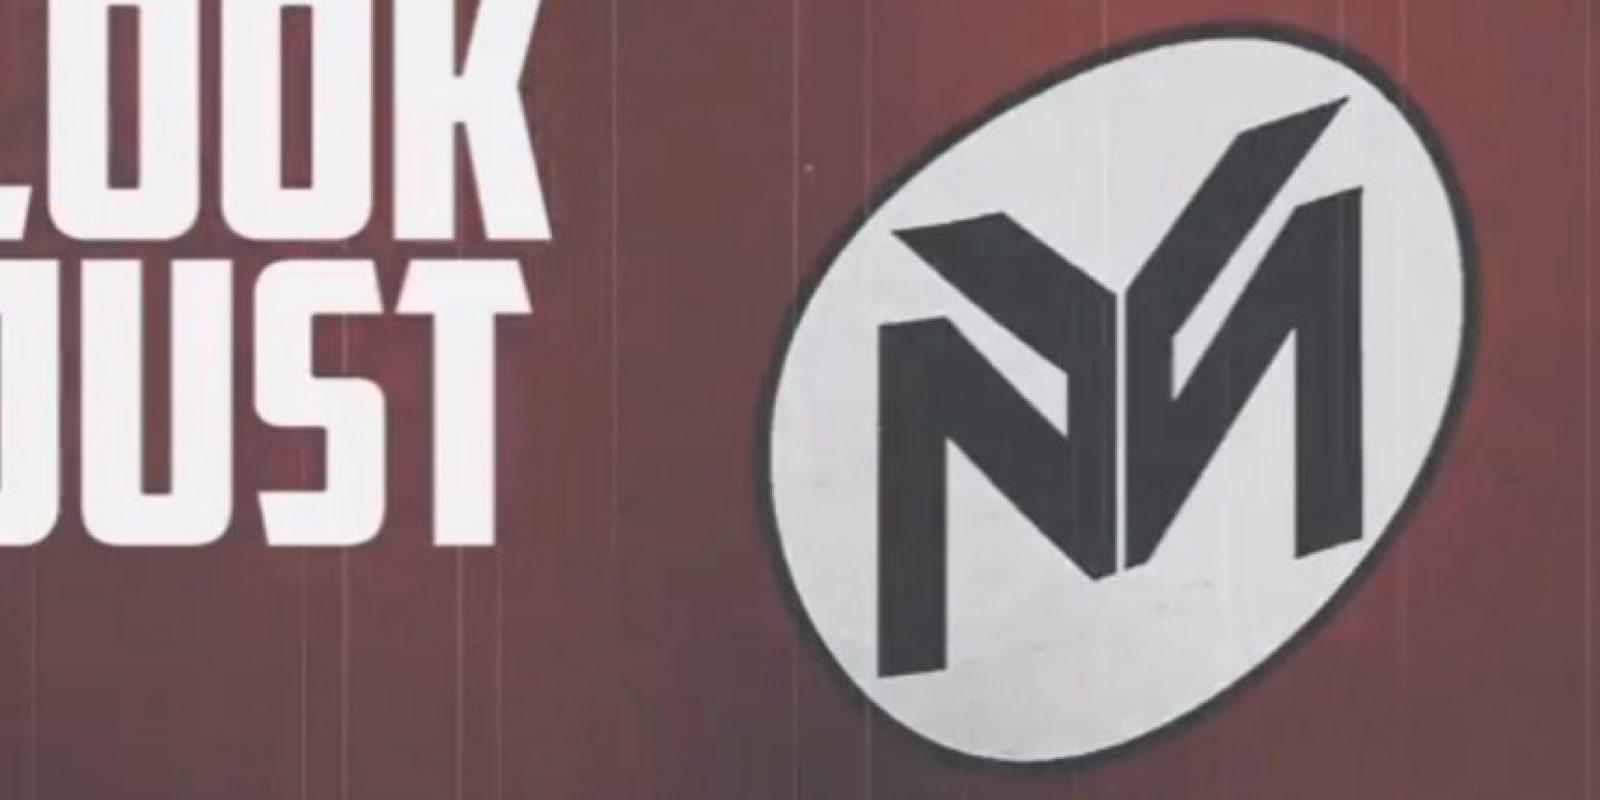 """""""Yo no tuve nada que con el concepto. Acepto toda responsabilidad y me quiero disculpar si llegué a ofender a alguien. Yo no apruebo el nazismo en mi arte"""", escribió Minaj. Foto: YouTube/Nicki Minaj"""